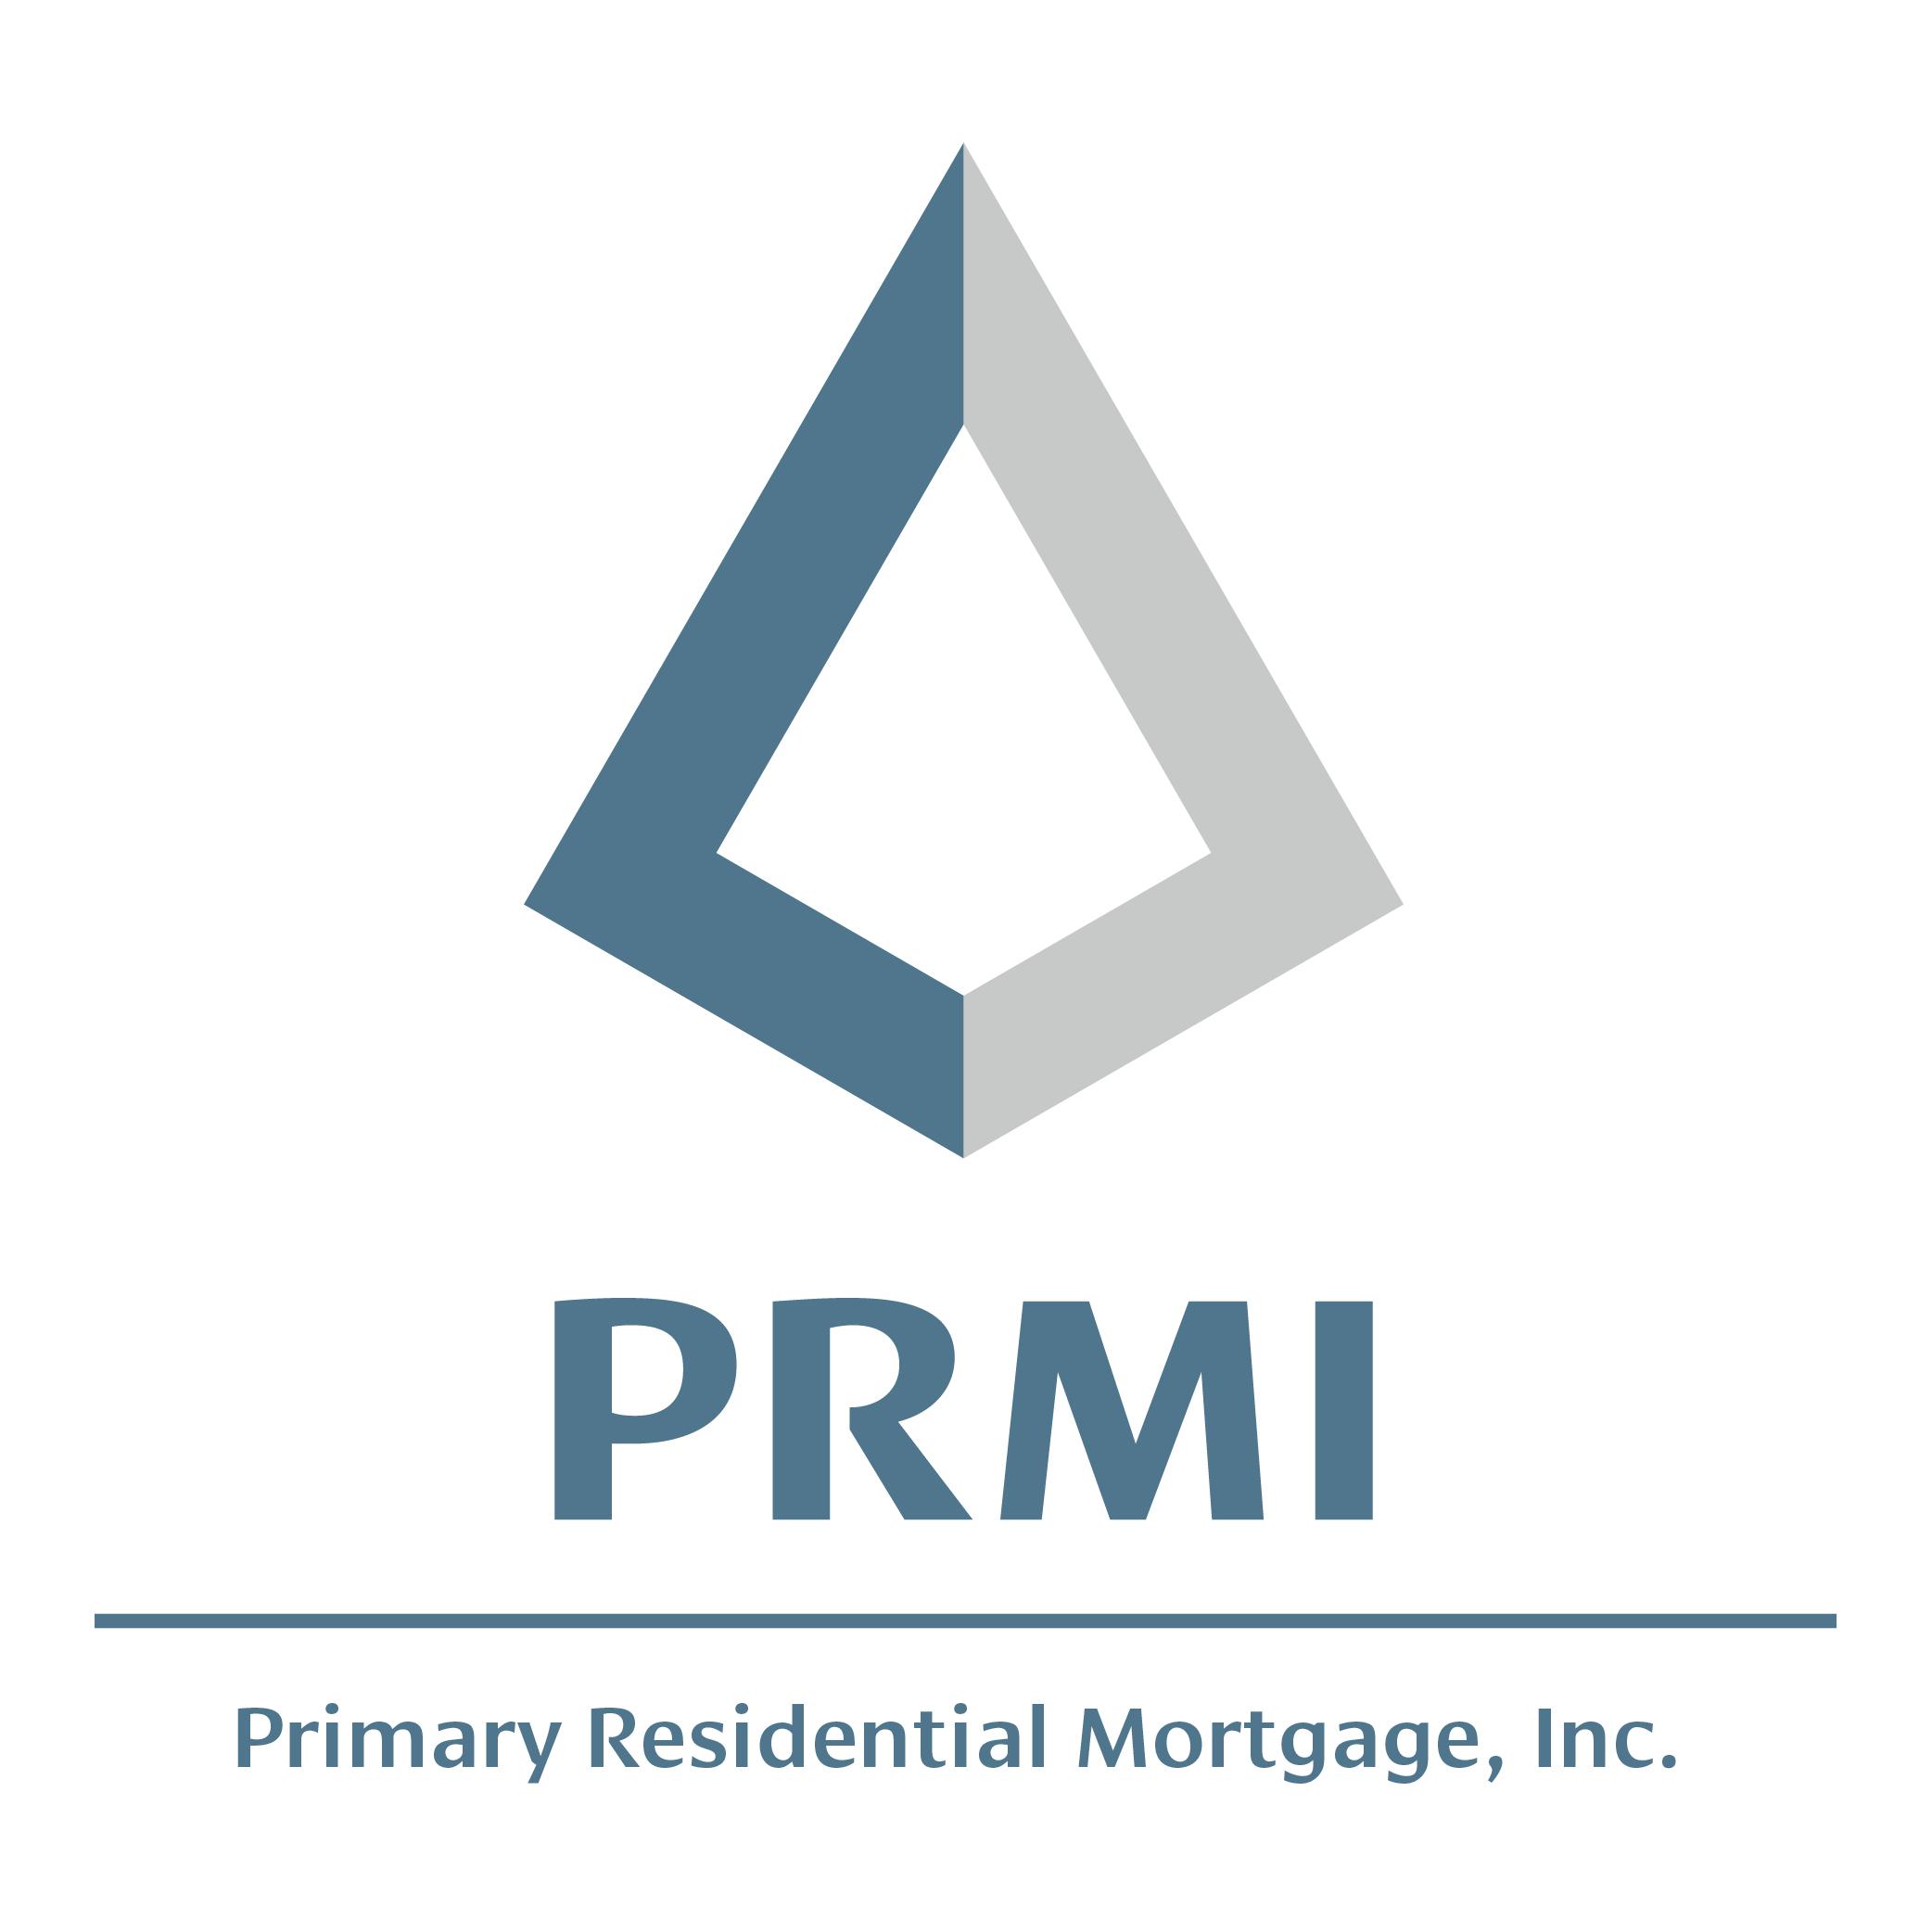 Primary Residential Mortgage, Inc. - Ocala, FL 34471 - (502)963-1612   ShowMeLocal.com